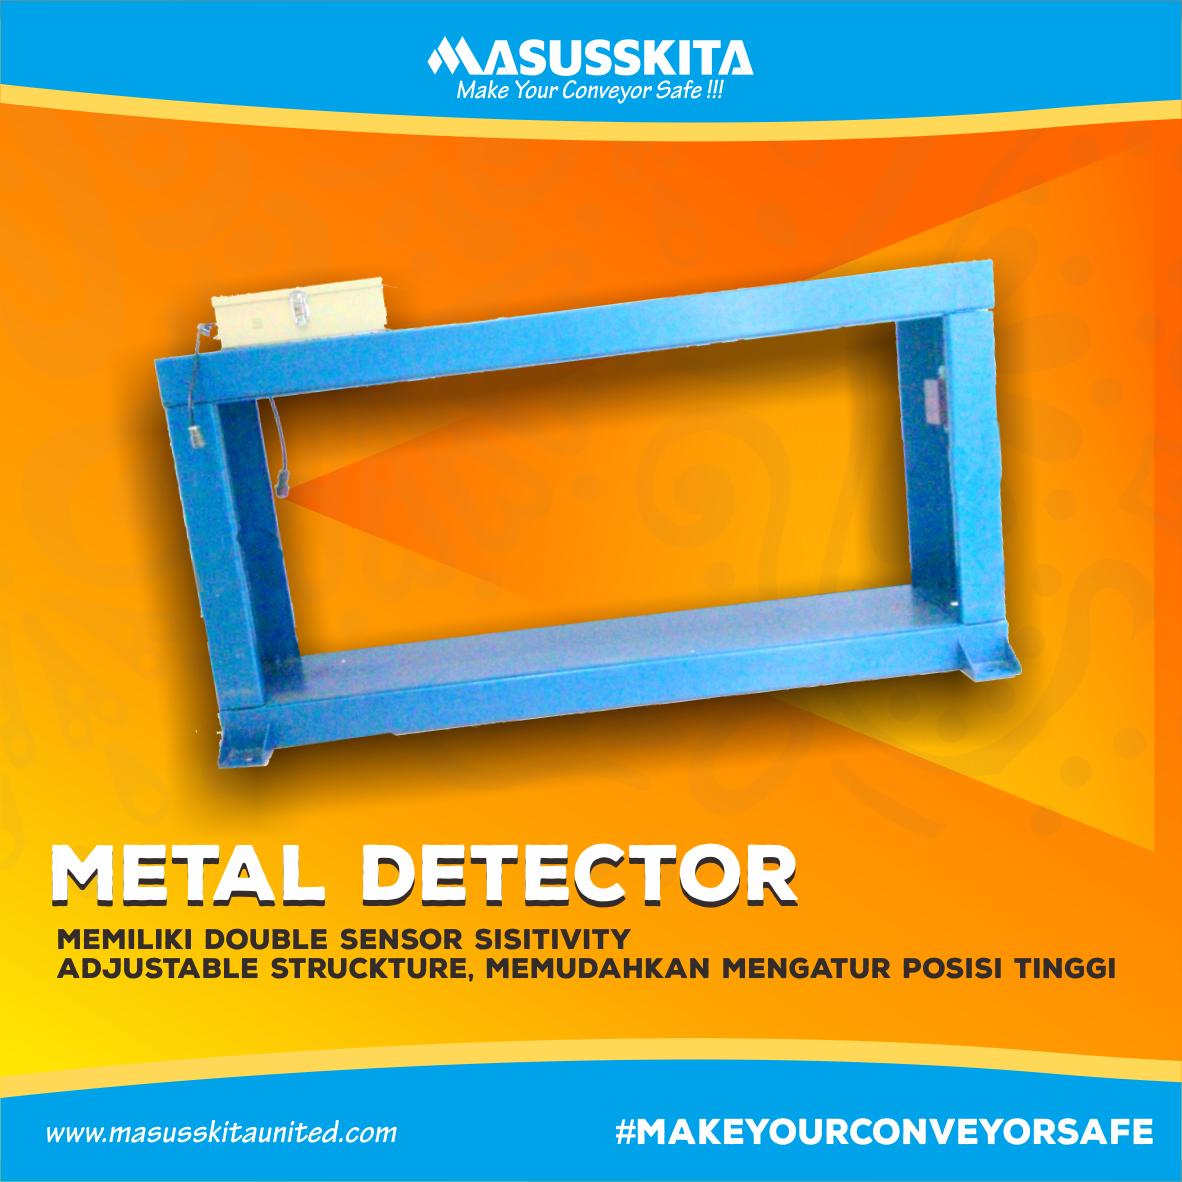 metal detector masusskita